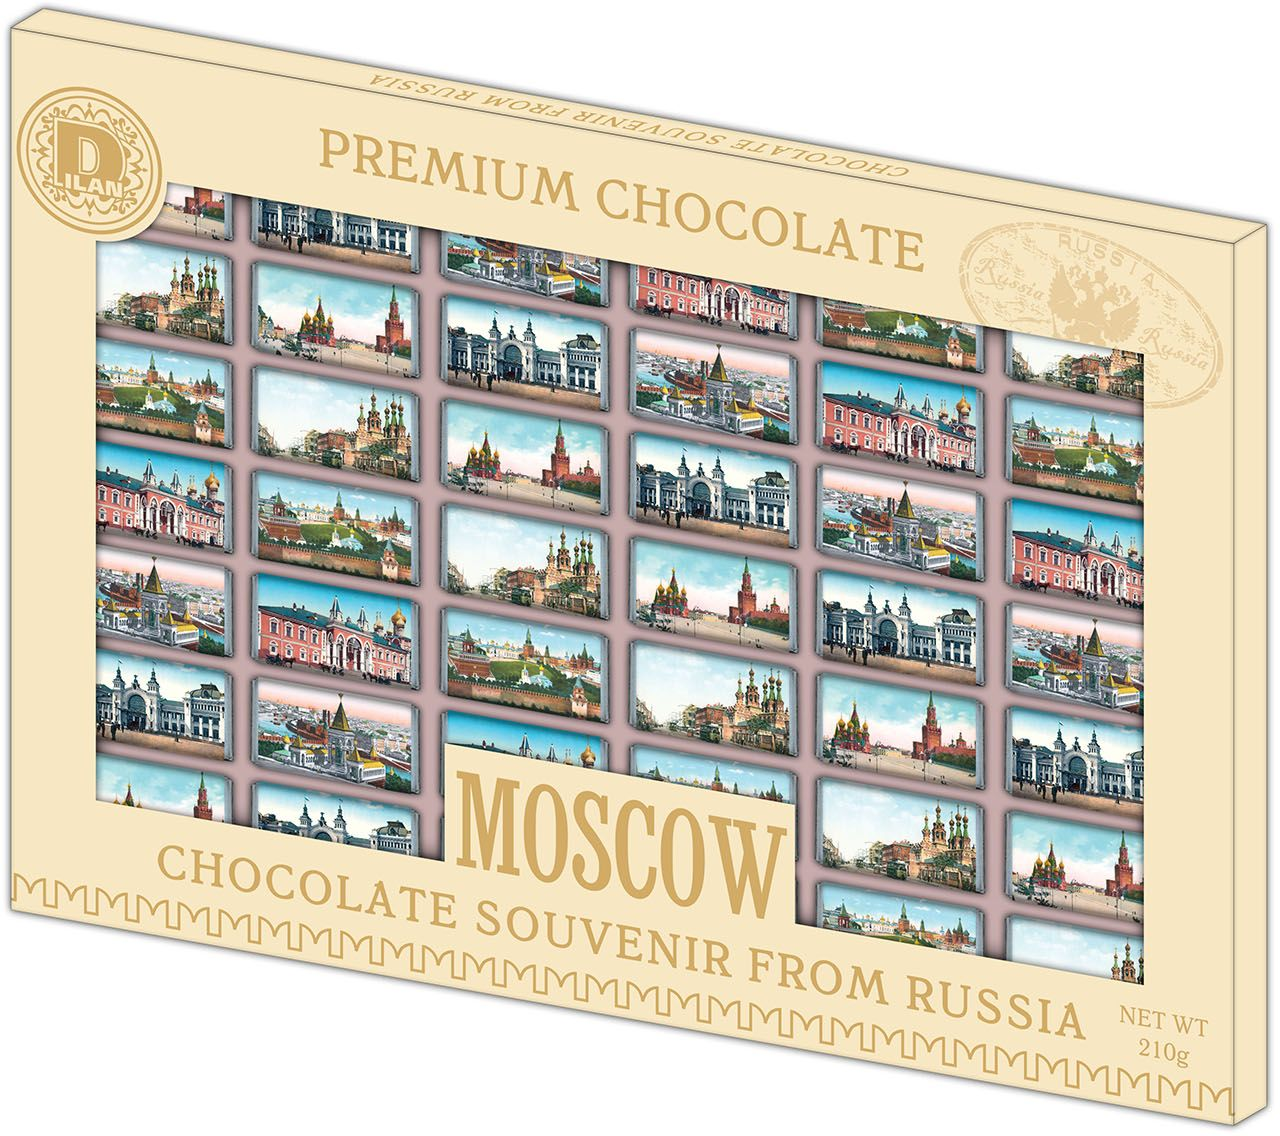 Дилан+ Шоколадный набор Москва Старинная, 42 шт по 5 г4620001510191Темный шоколад – это шоколад, в котором 52% какао. Это вкусный, не приторно сладкий и полезный вид шоколада. К тому же в нем немного калорий – отличный выбор для сладкоежек. Темный шоколад любят взрослые и дети, он содержит много минеральных веществ и антиоксидантов, а еще он отлично поднимает настроение. Мы используем натуральное сырье высшего качества, чтобы наши шоколадные наборы были вкусными и полезными: здесь нет вредных добавок и красителей.